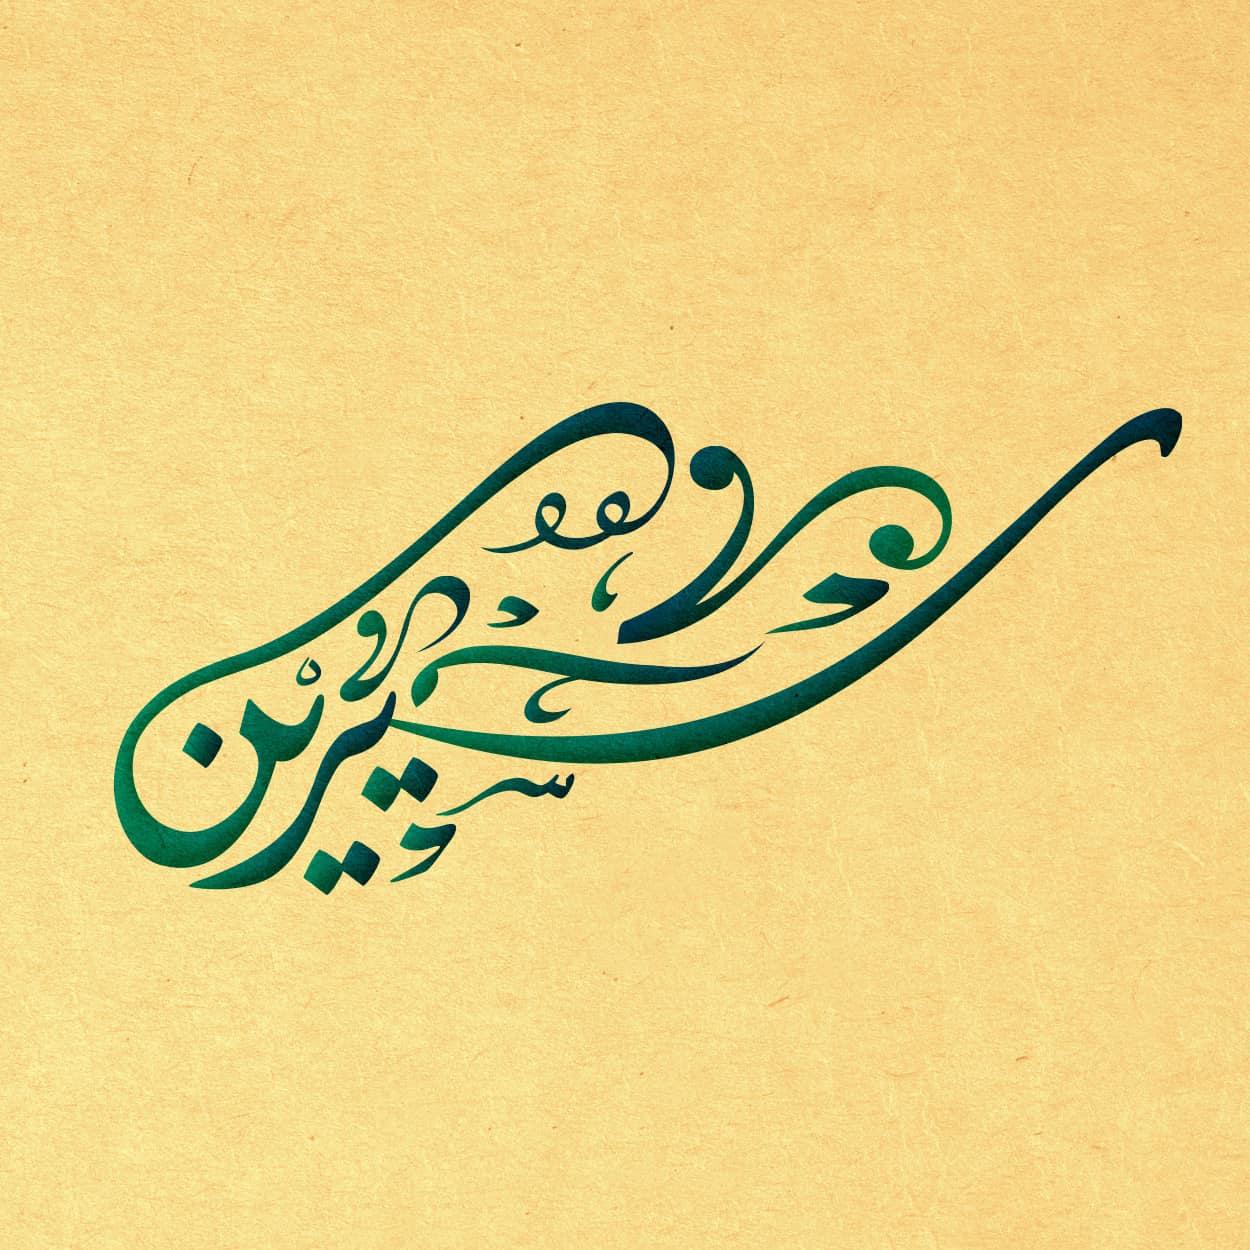 صورة طريقه لتميز اكونت الفيس ،زخرفة اسماء فيس بوك بالعربي 102 6